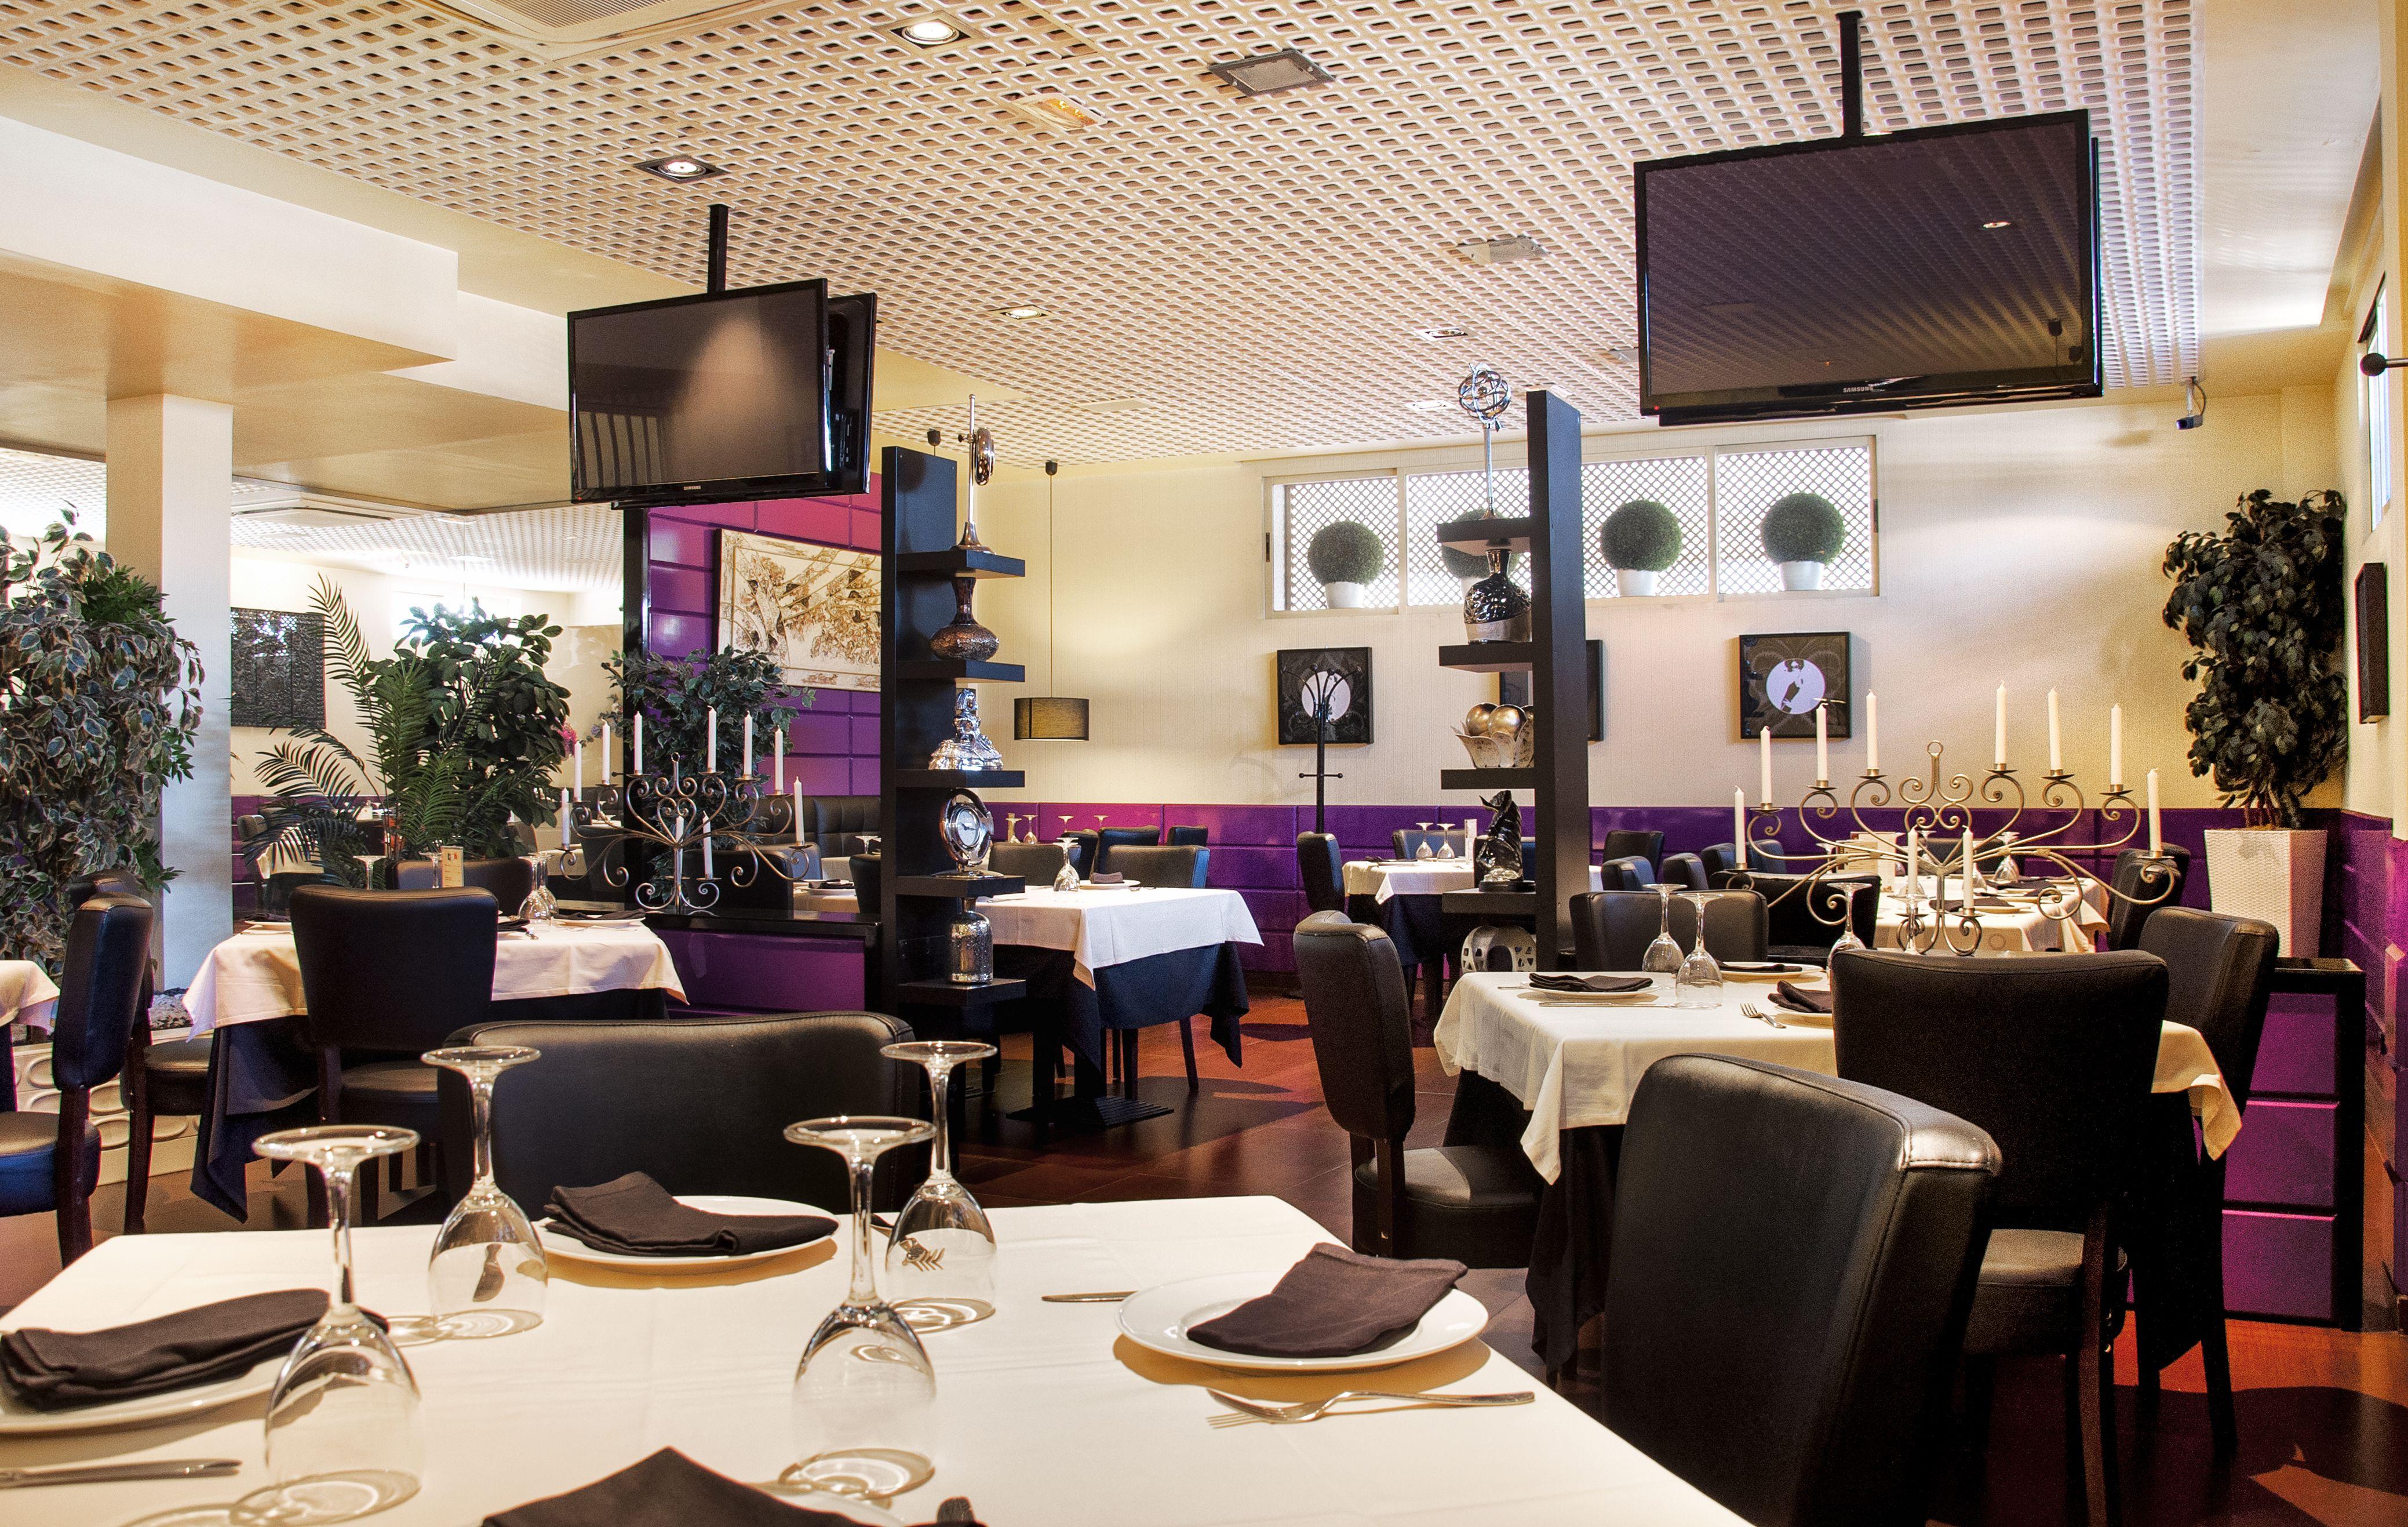 Foto 3 de Restaurante italiano en Collado Villalba | Restaurante Robertinos